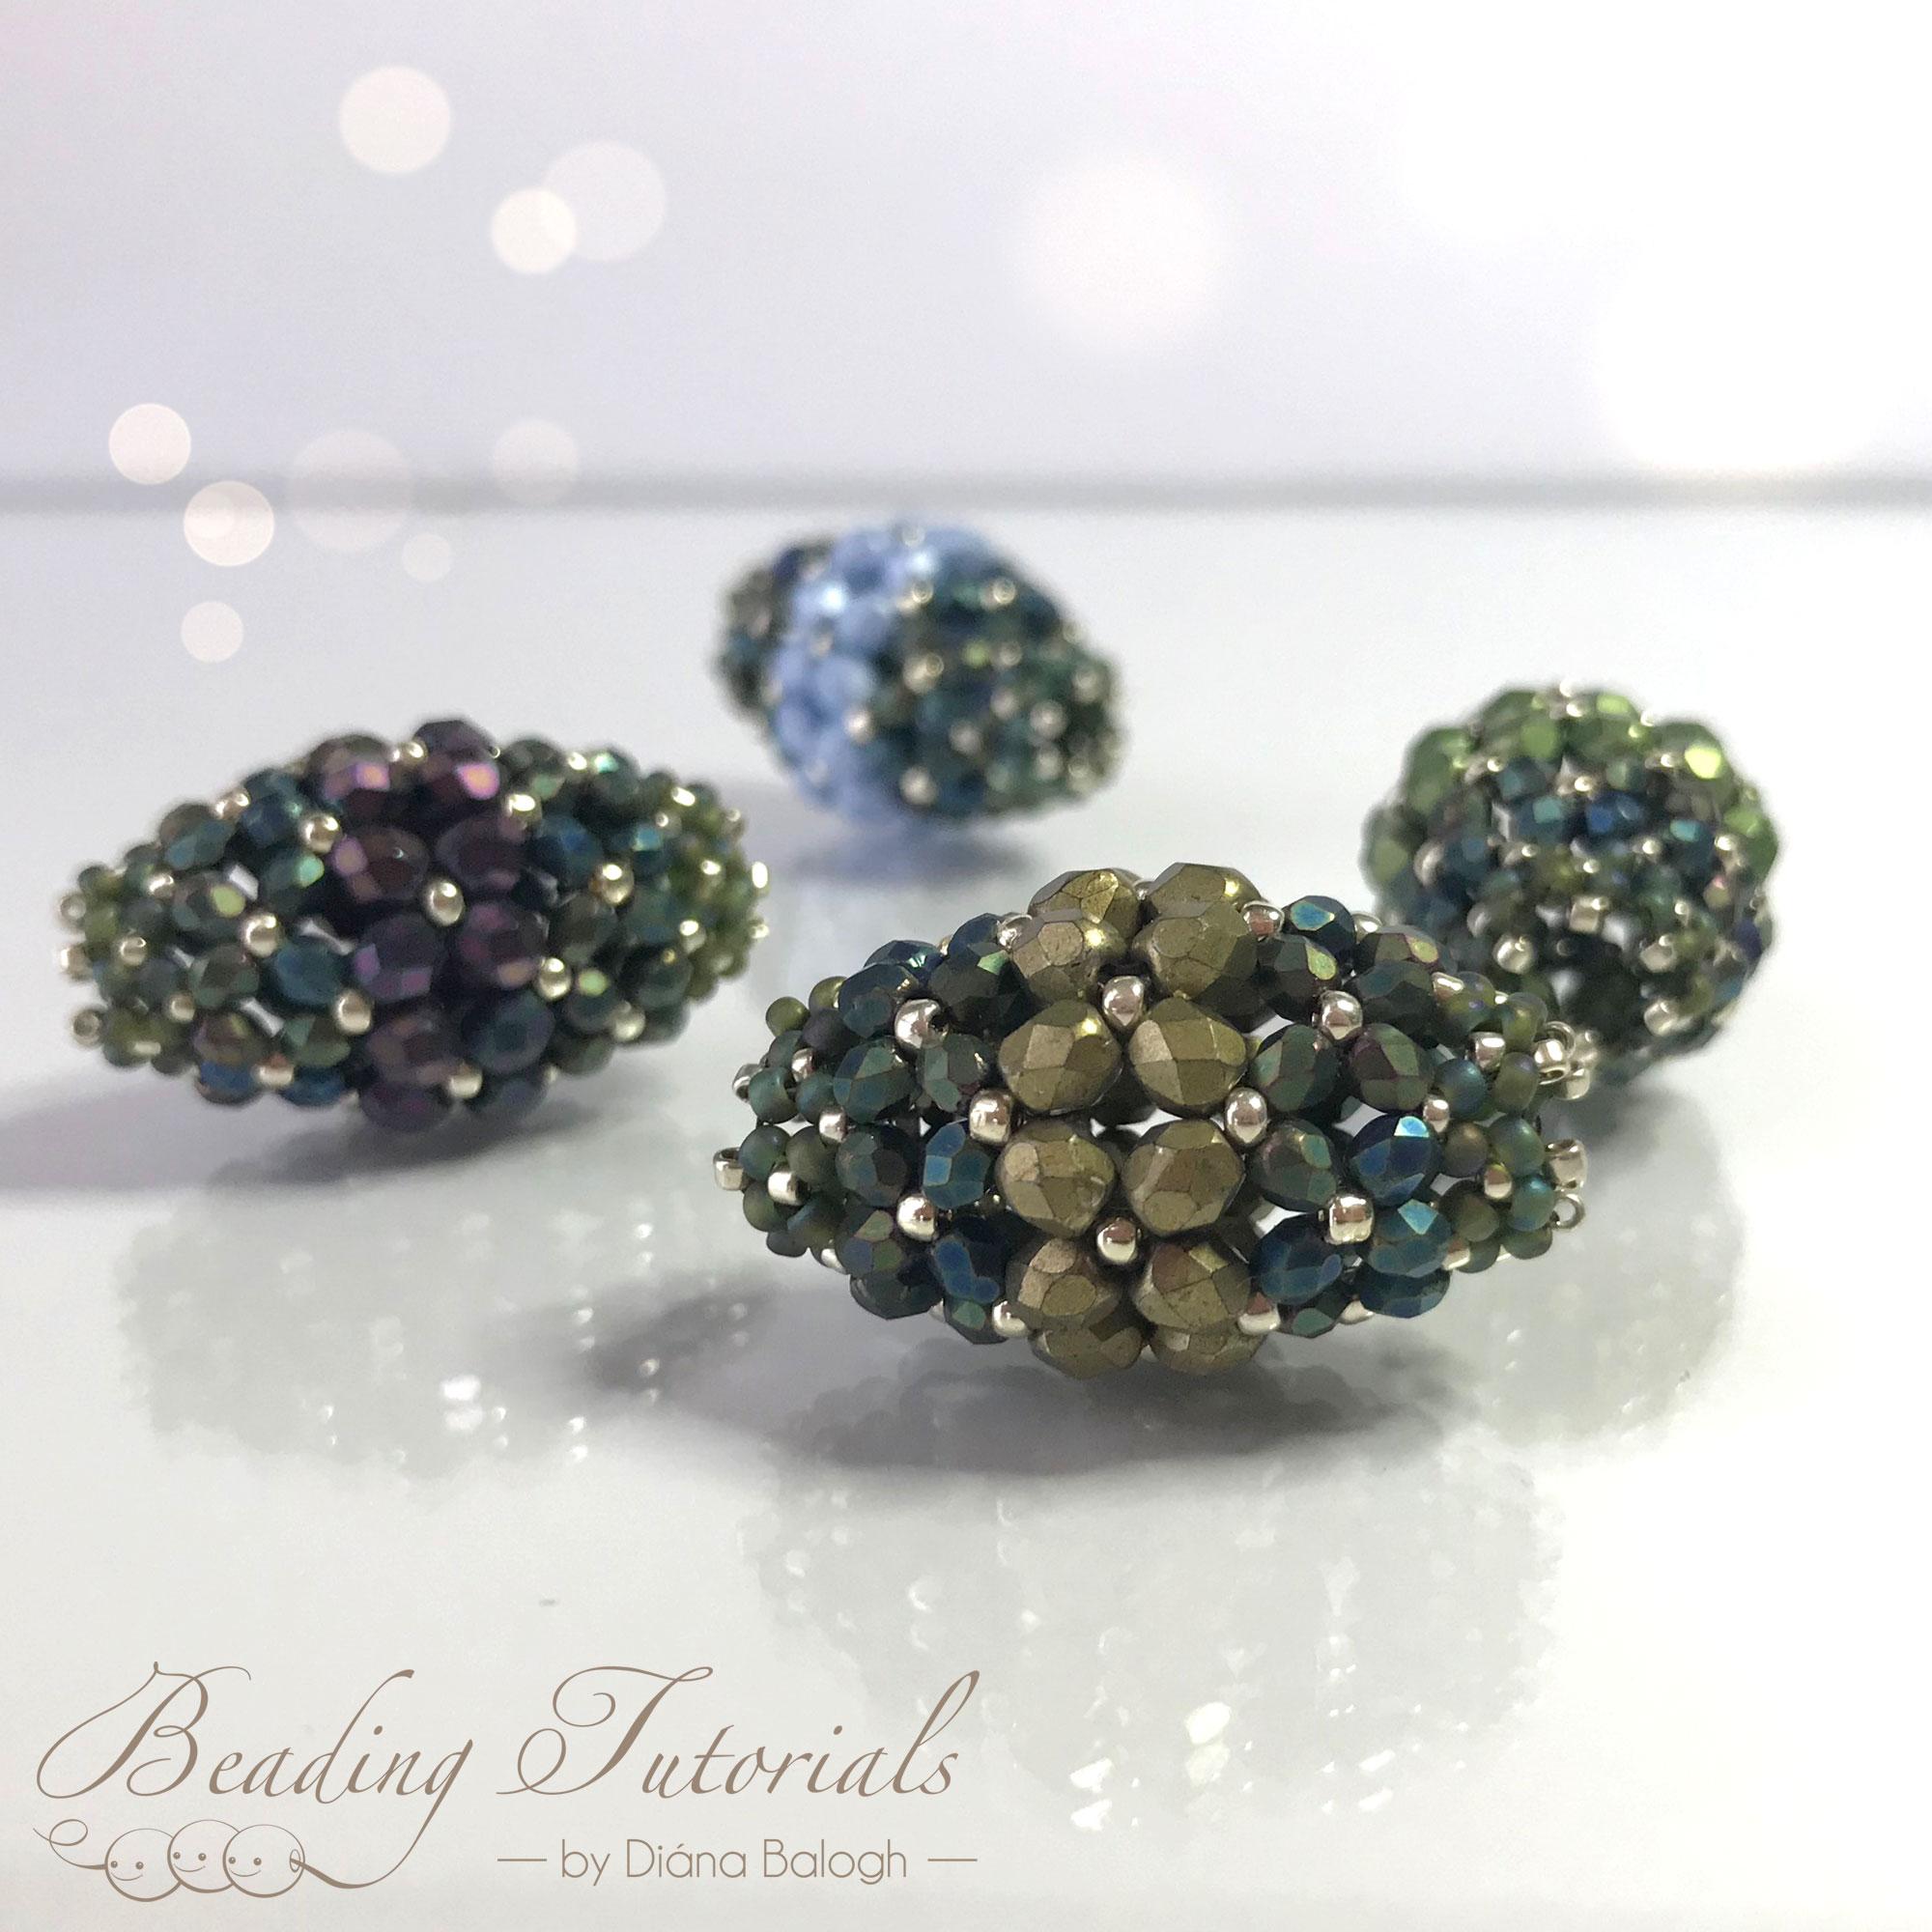 Ramya beaded bead beading tutorial, beading pattern by Diána Balogh